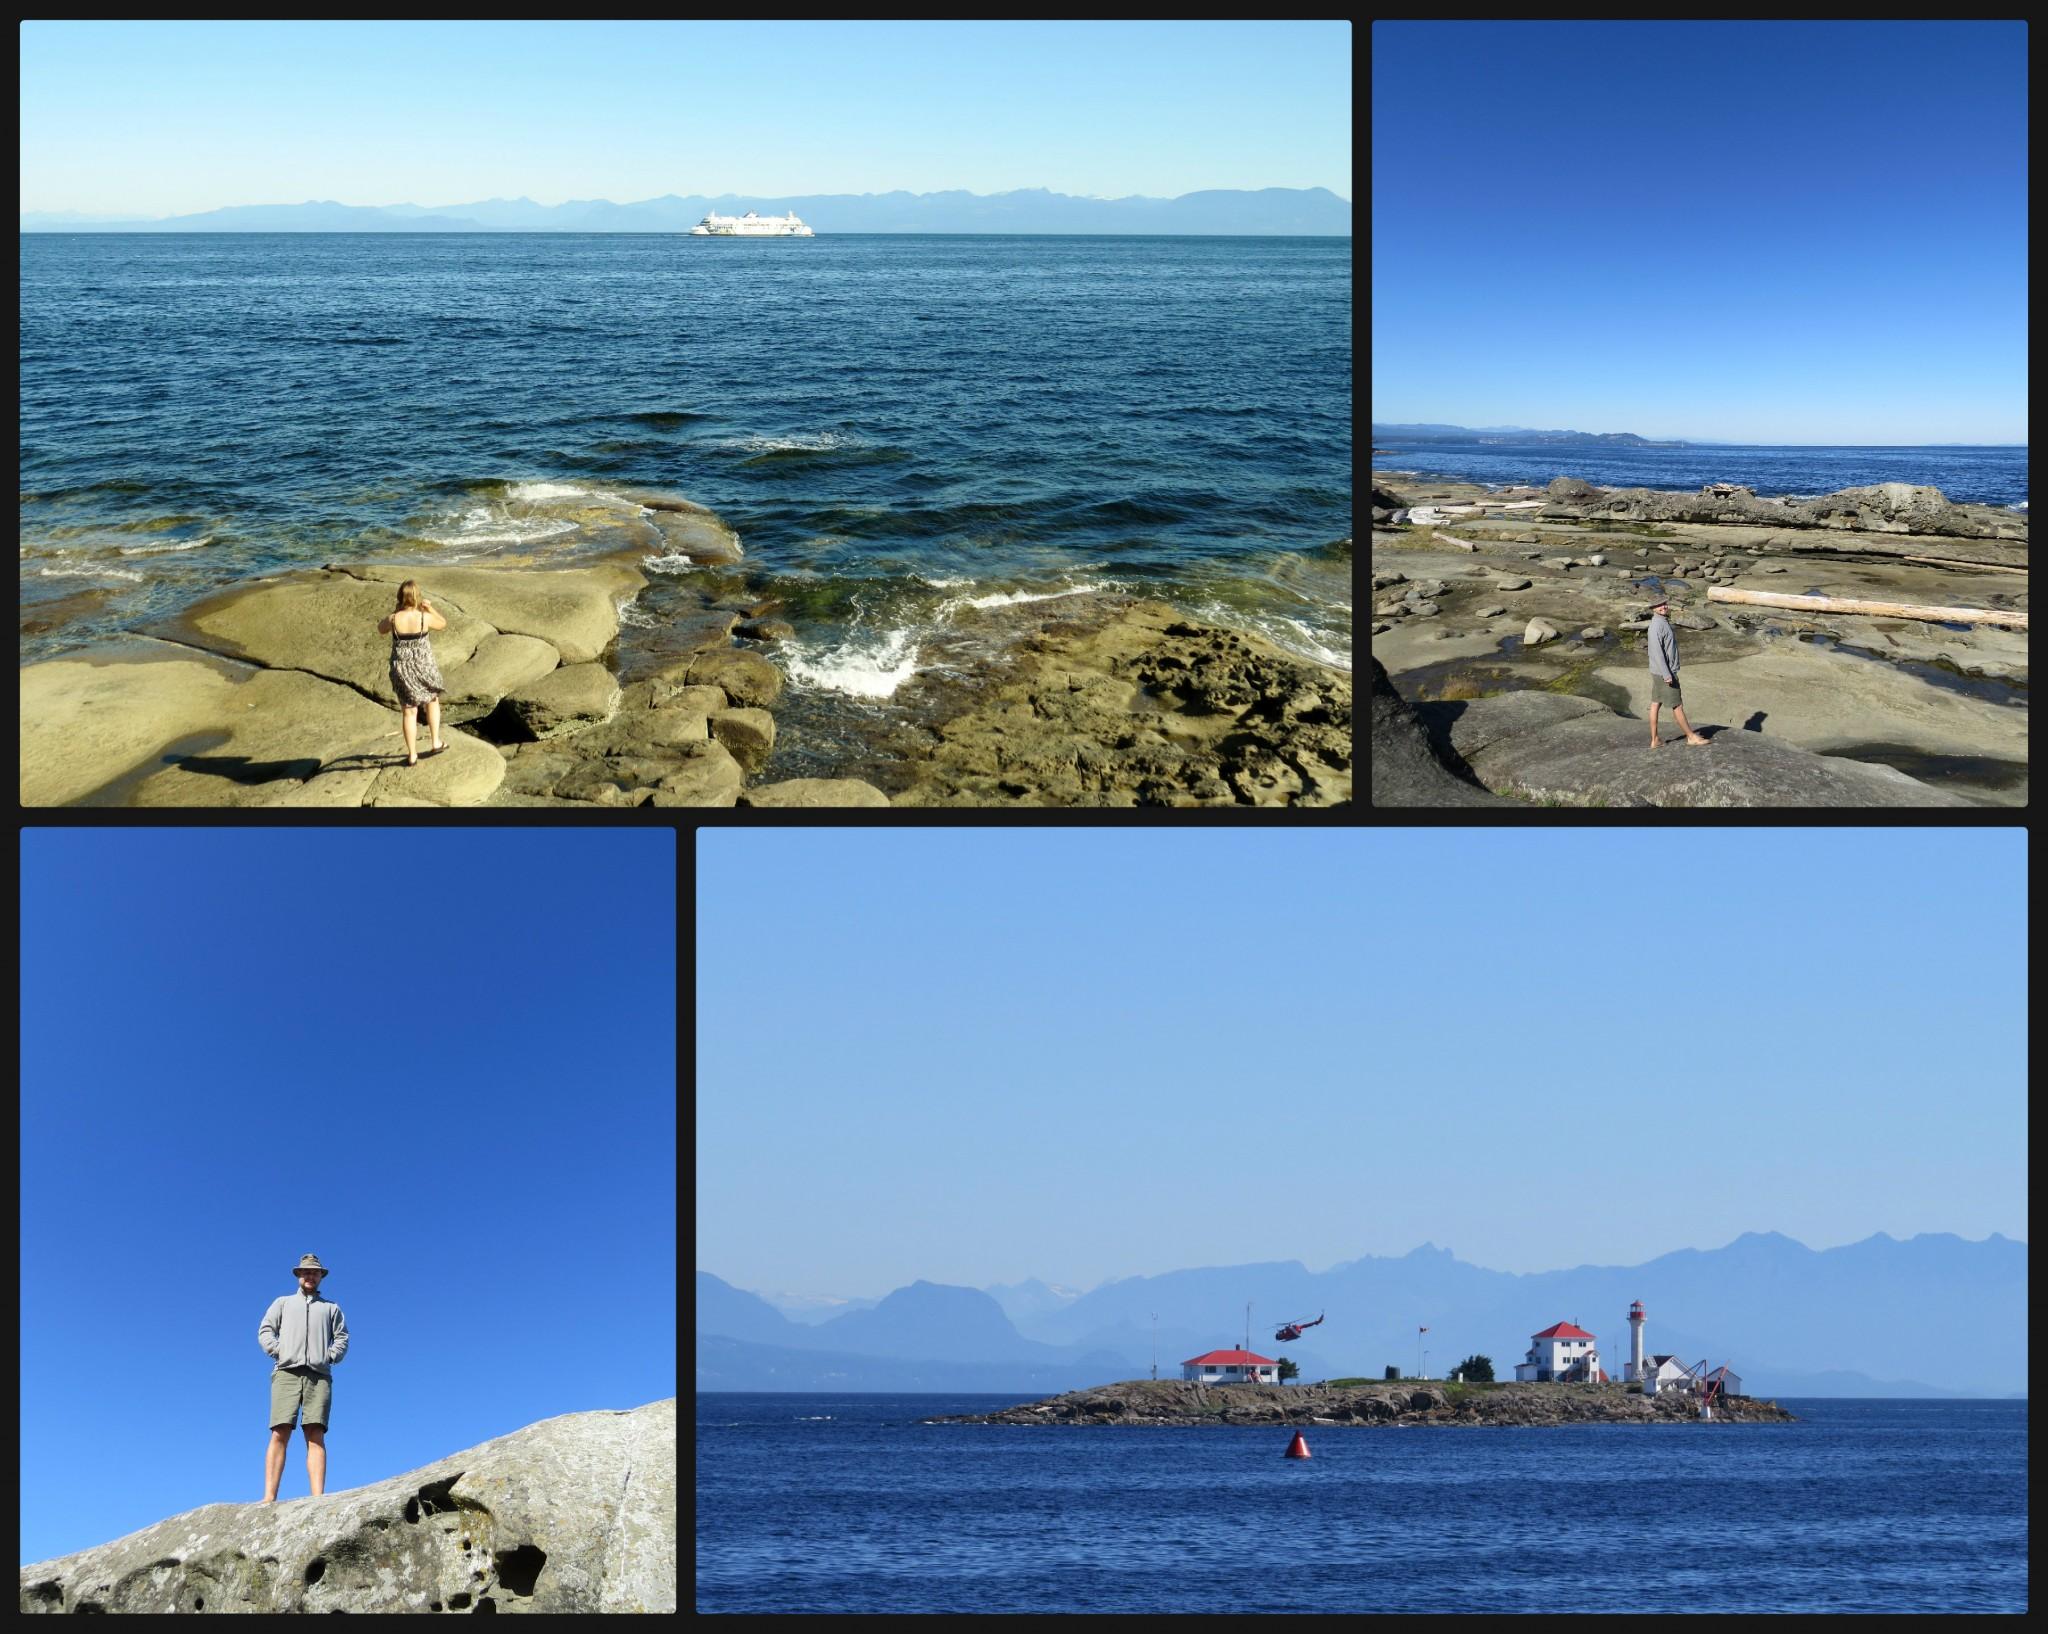 Gabriola Island viewpoint